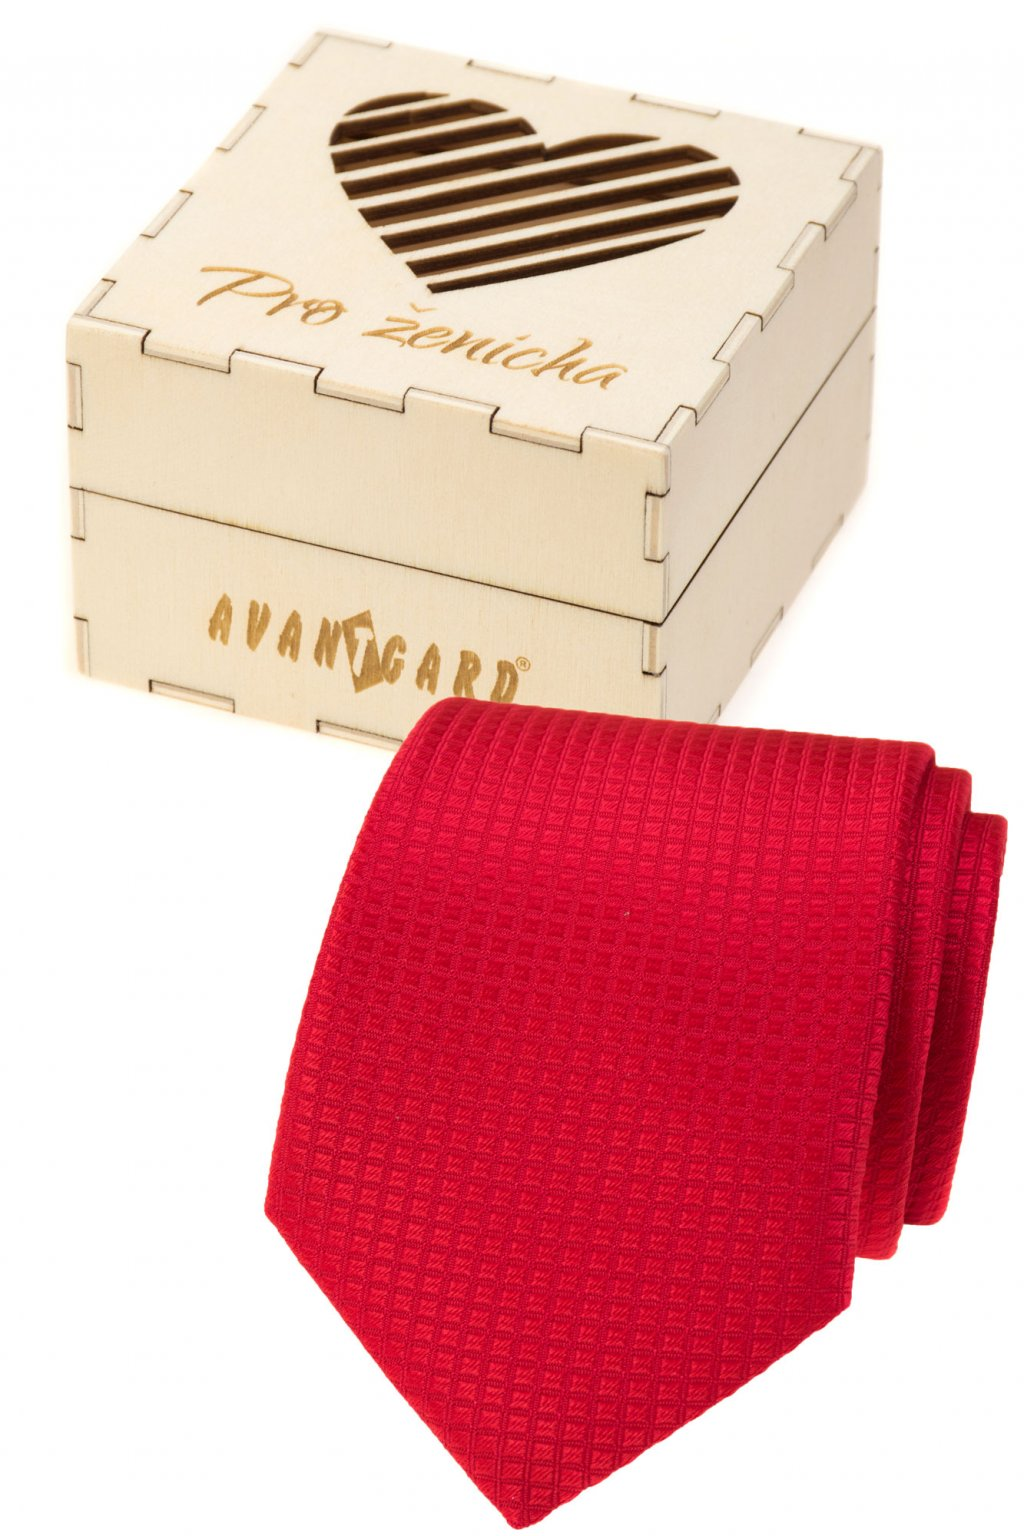 Dárkový set Pro ženicha - Kravata v dárkové dřevěné krabičce s nápisem, 919-37220, Červená, přírodní dřevo